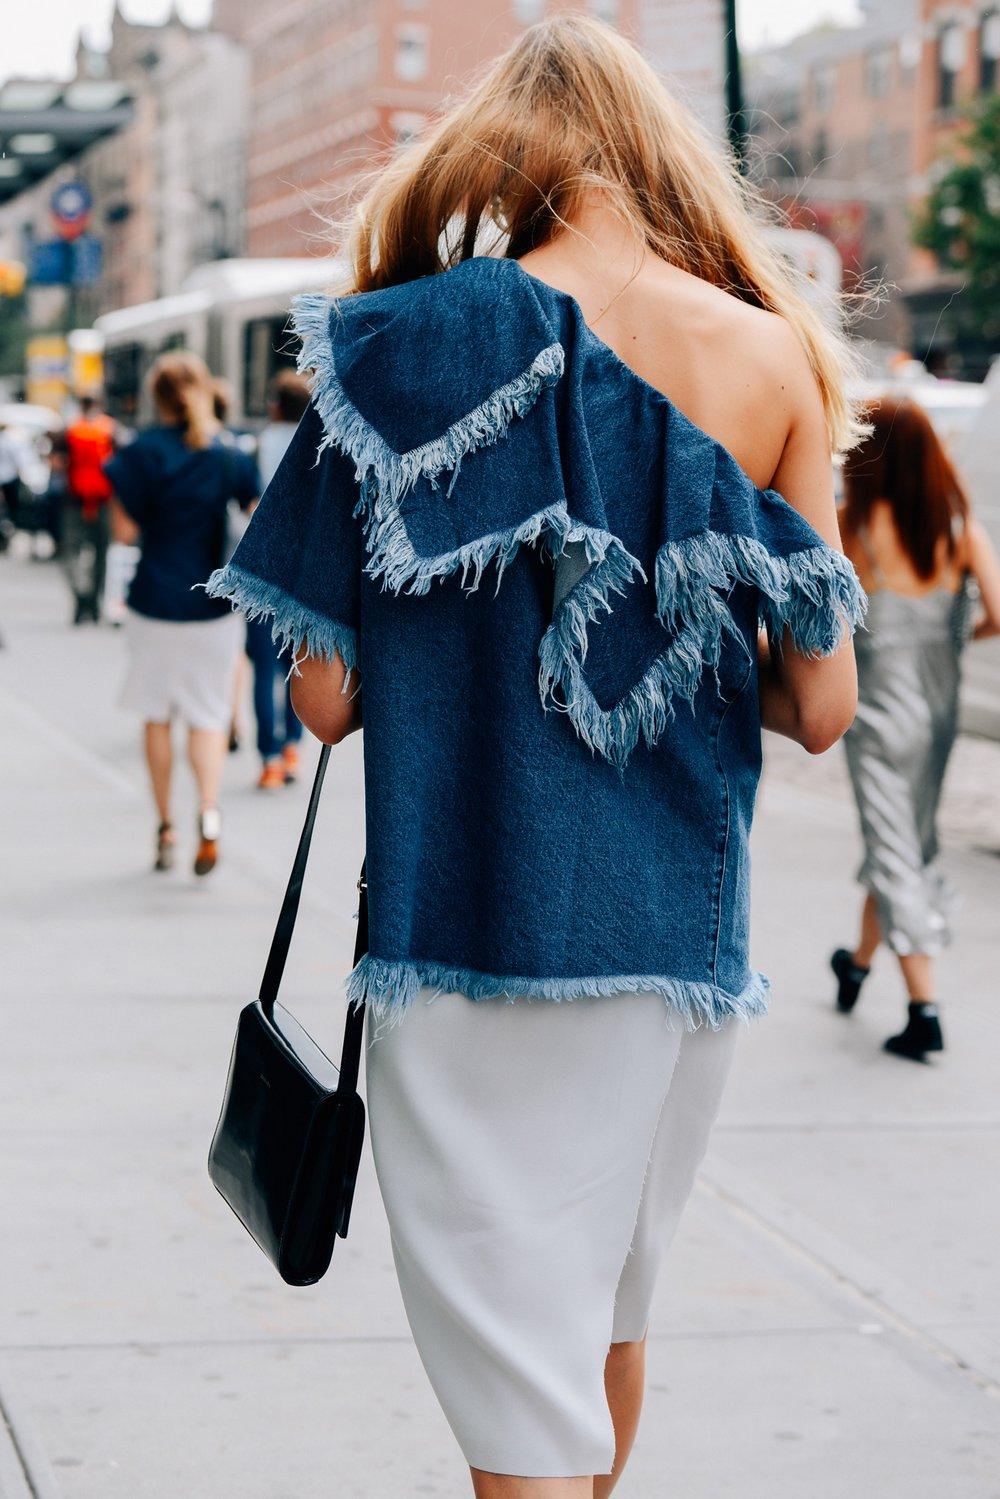 Jeans desfiado imagem: studded Hearts